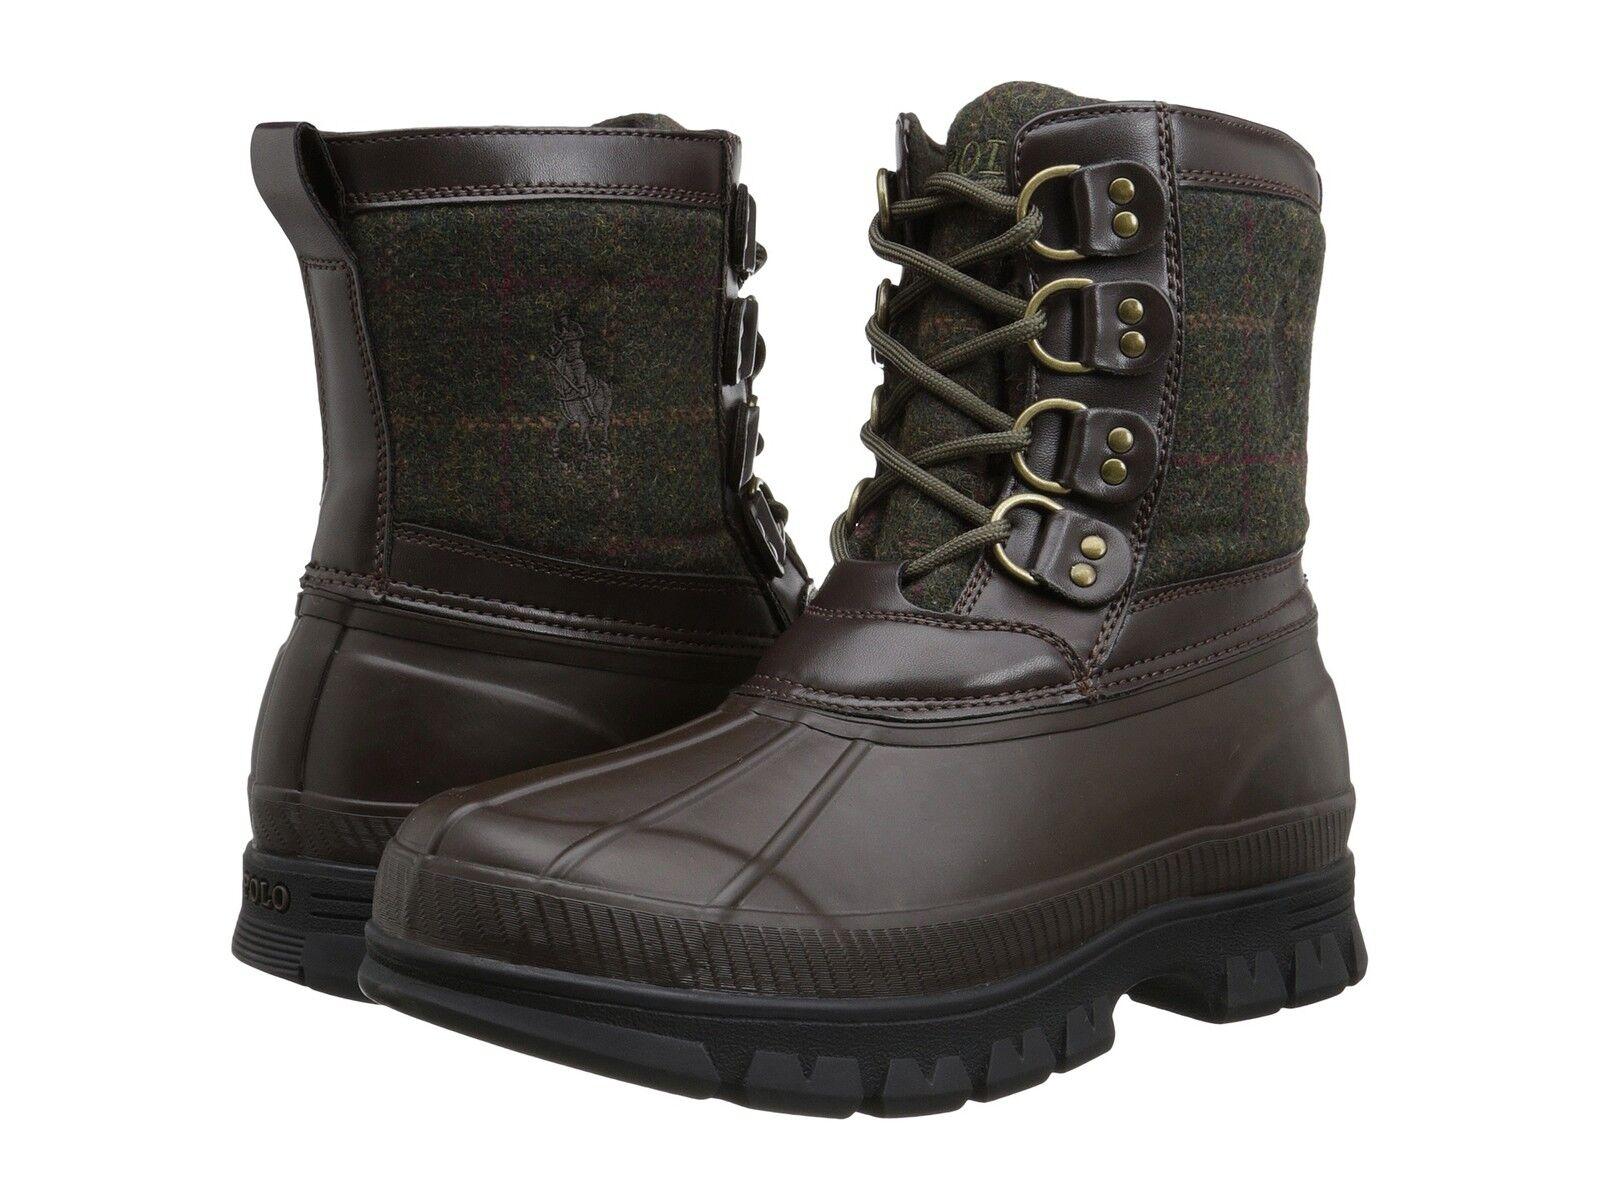 Crestwick Winter Boots Olive Dark Brown